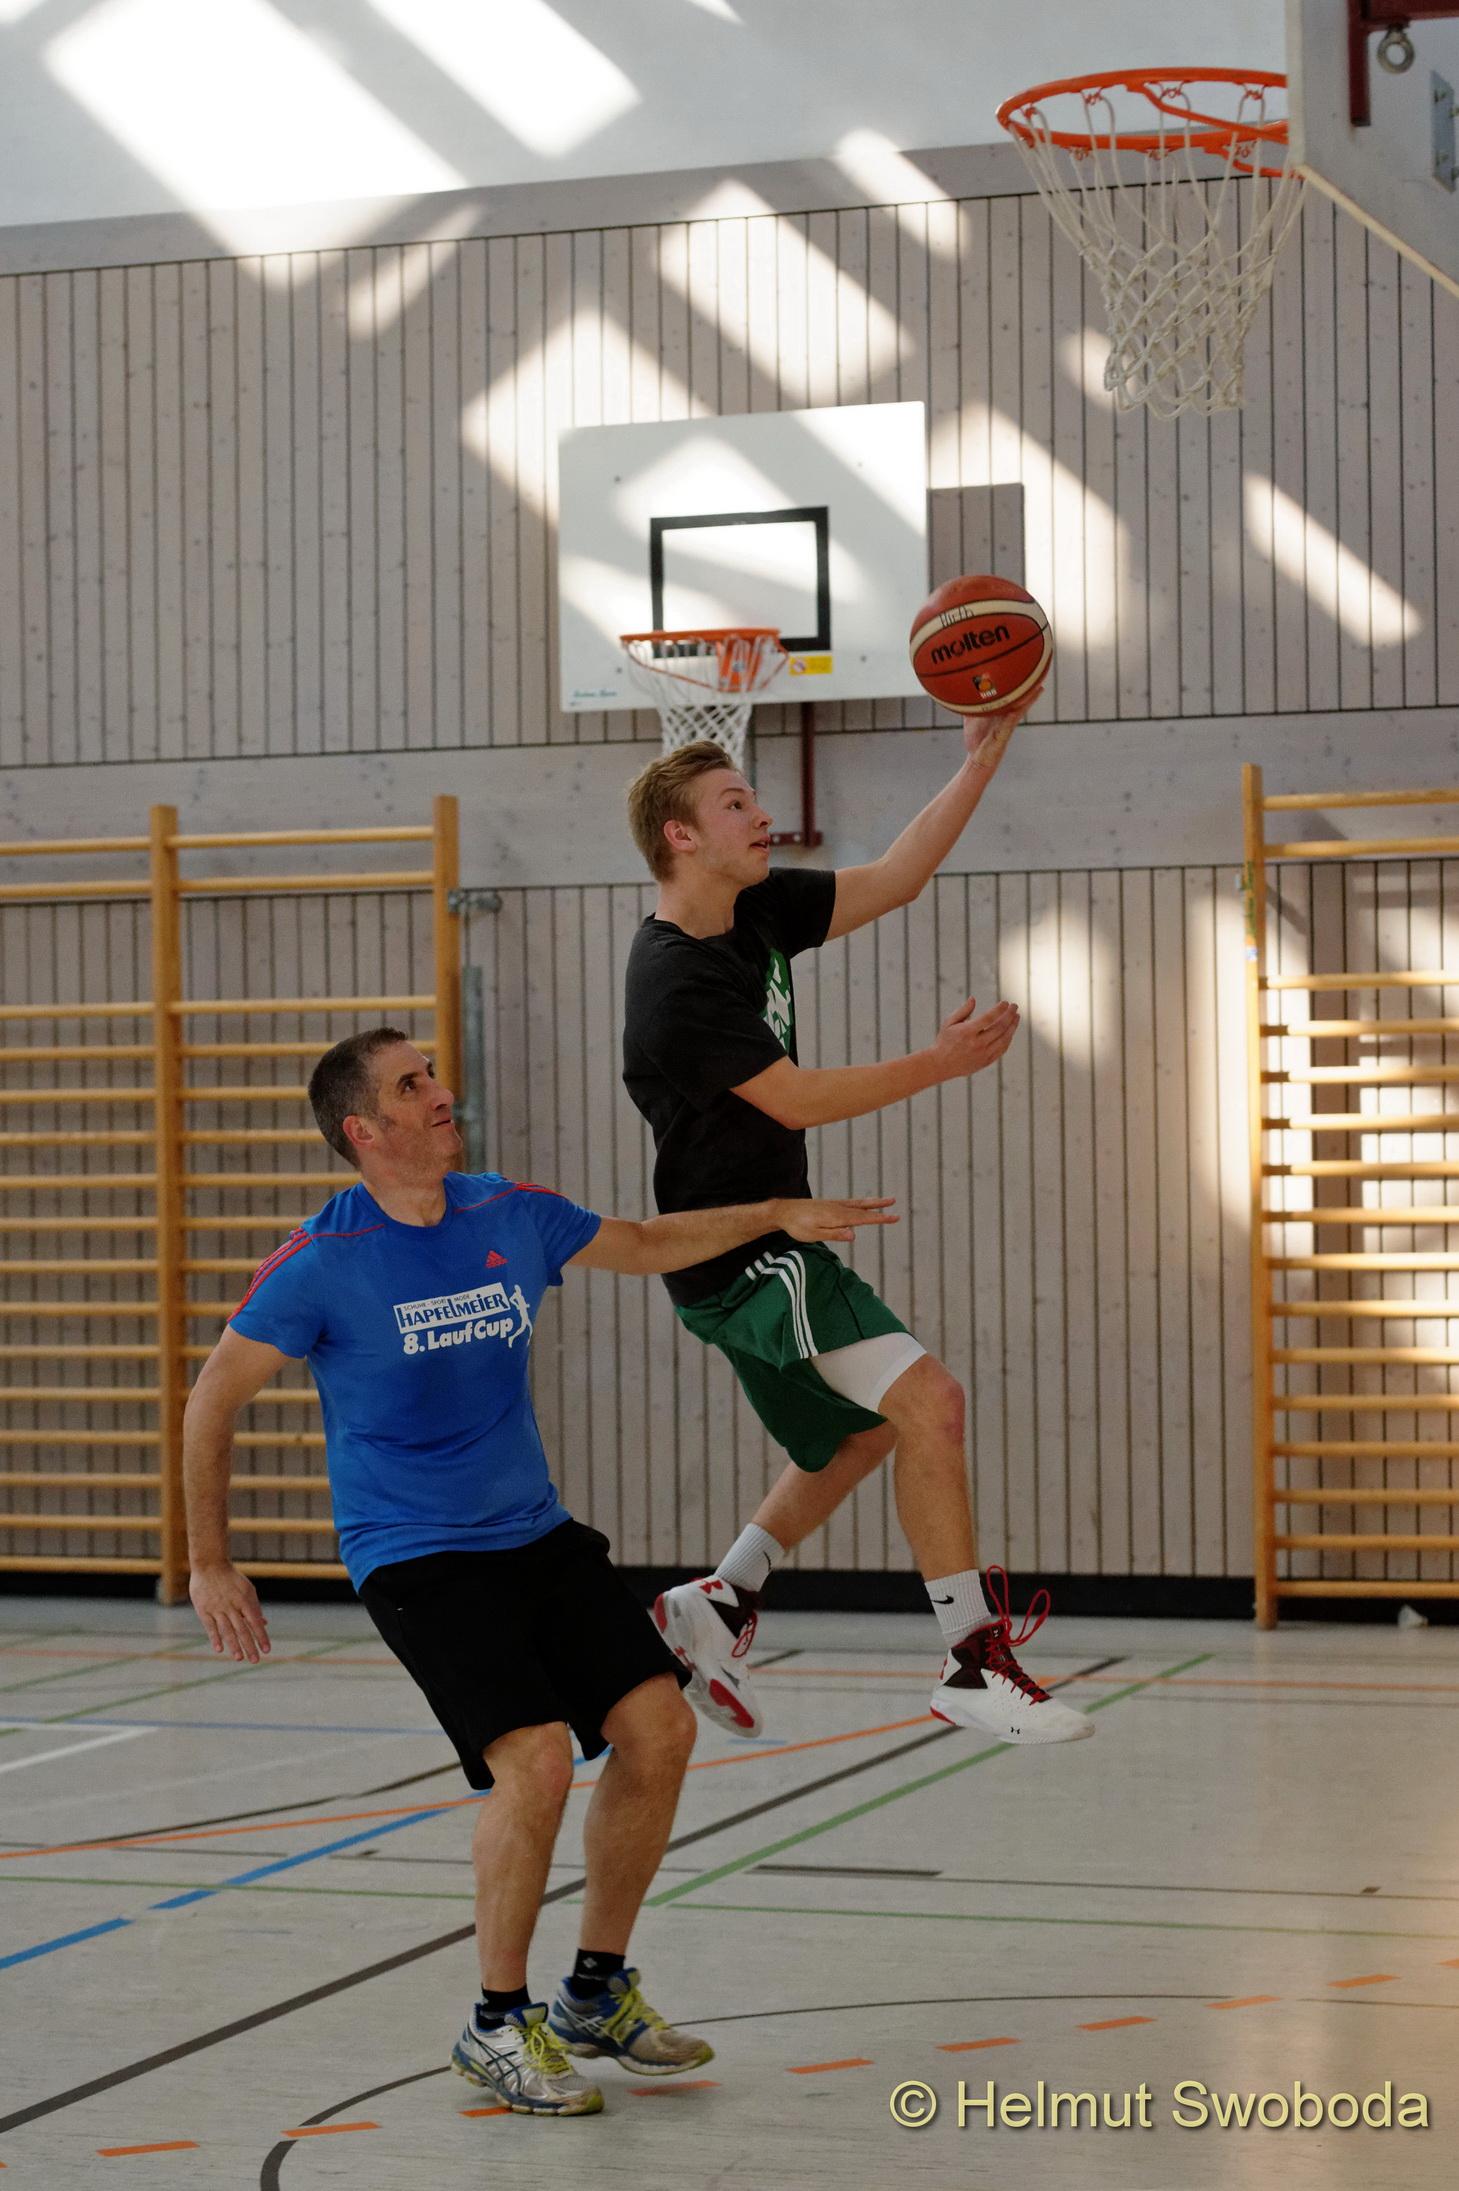 d170402-161120400-100-basketball_weilheim-mixed-turnier_33428683350_o